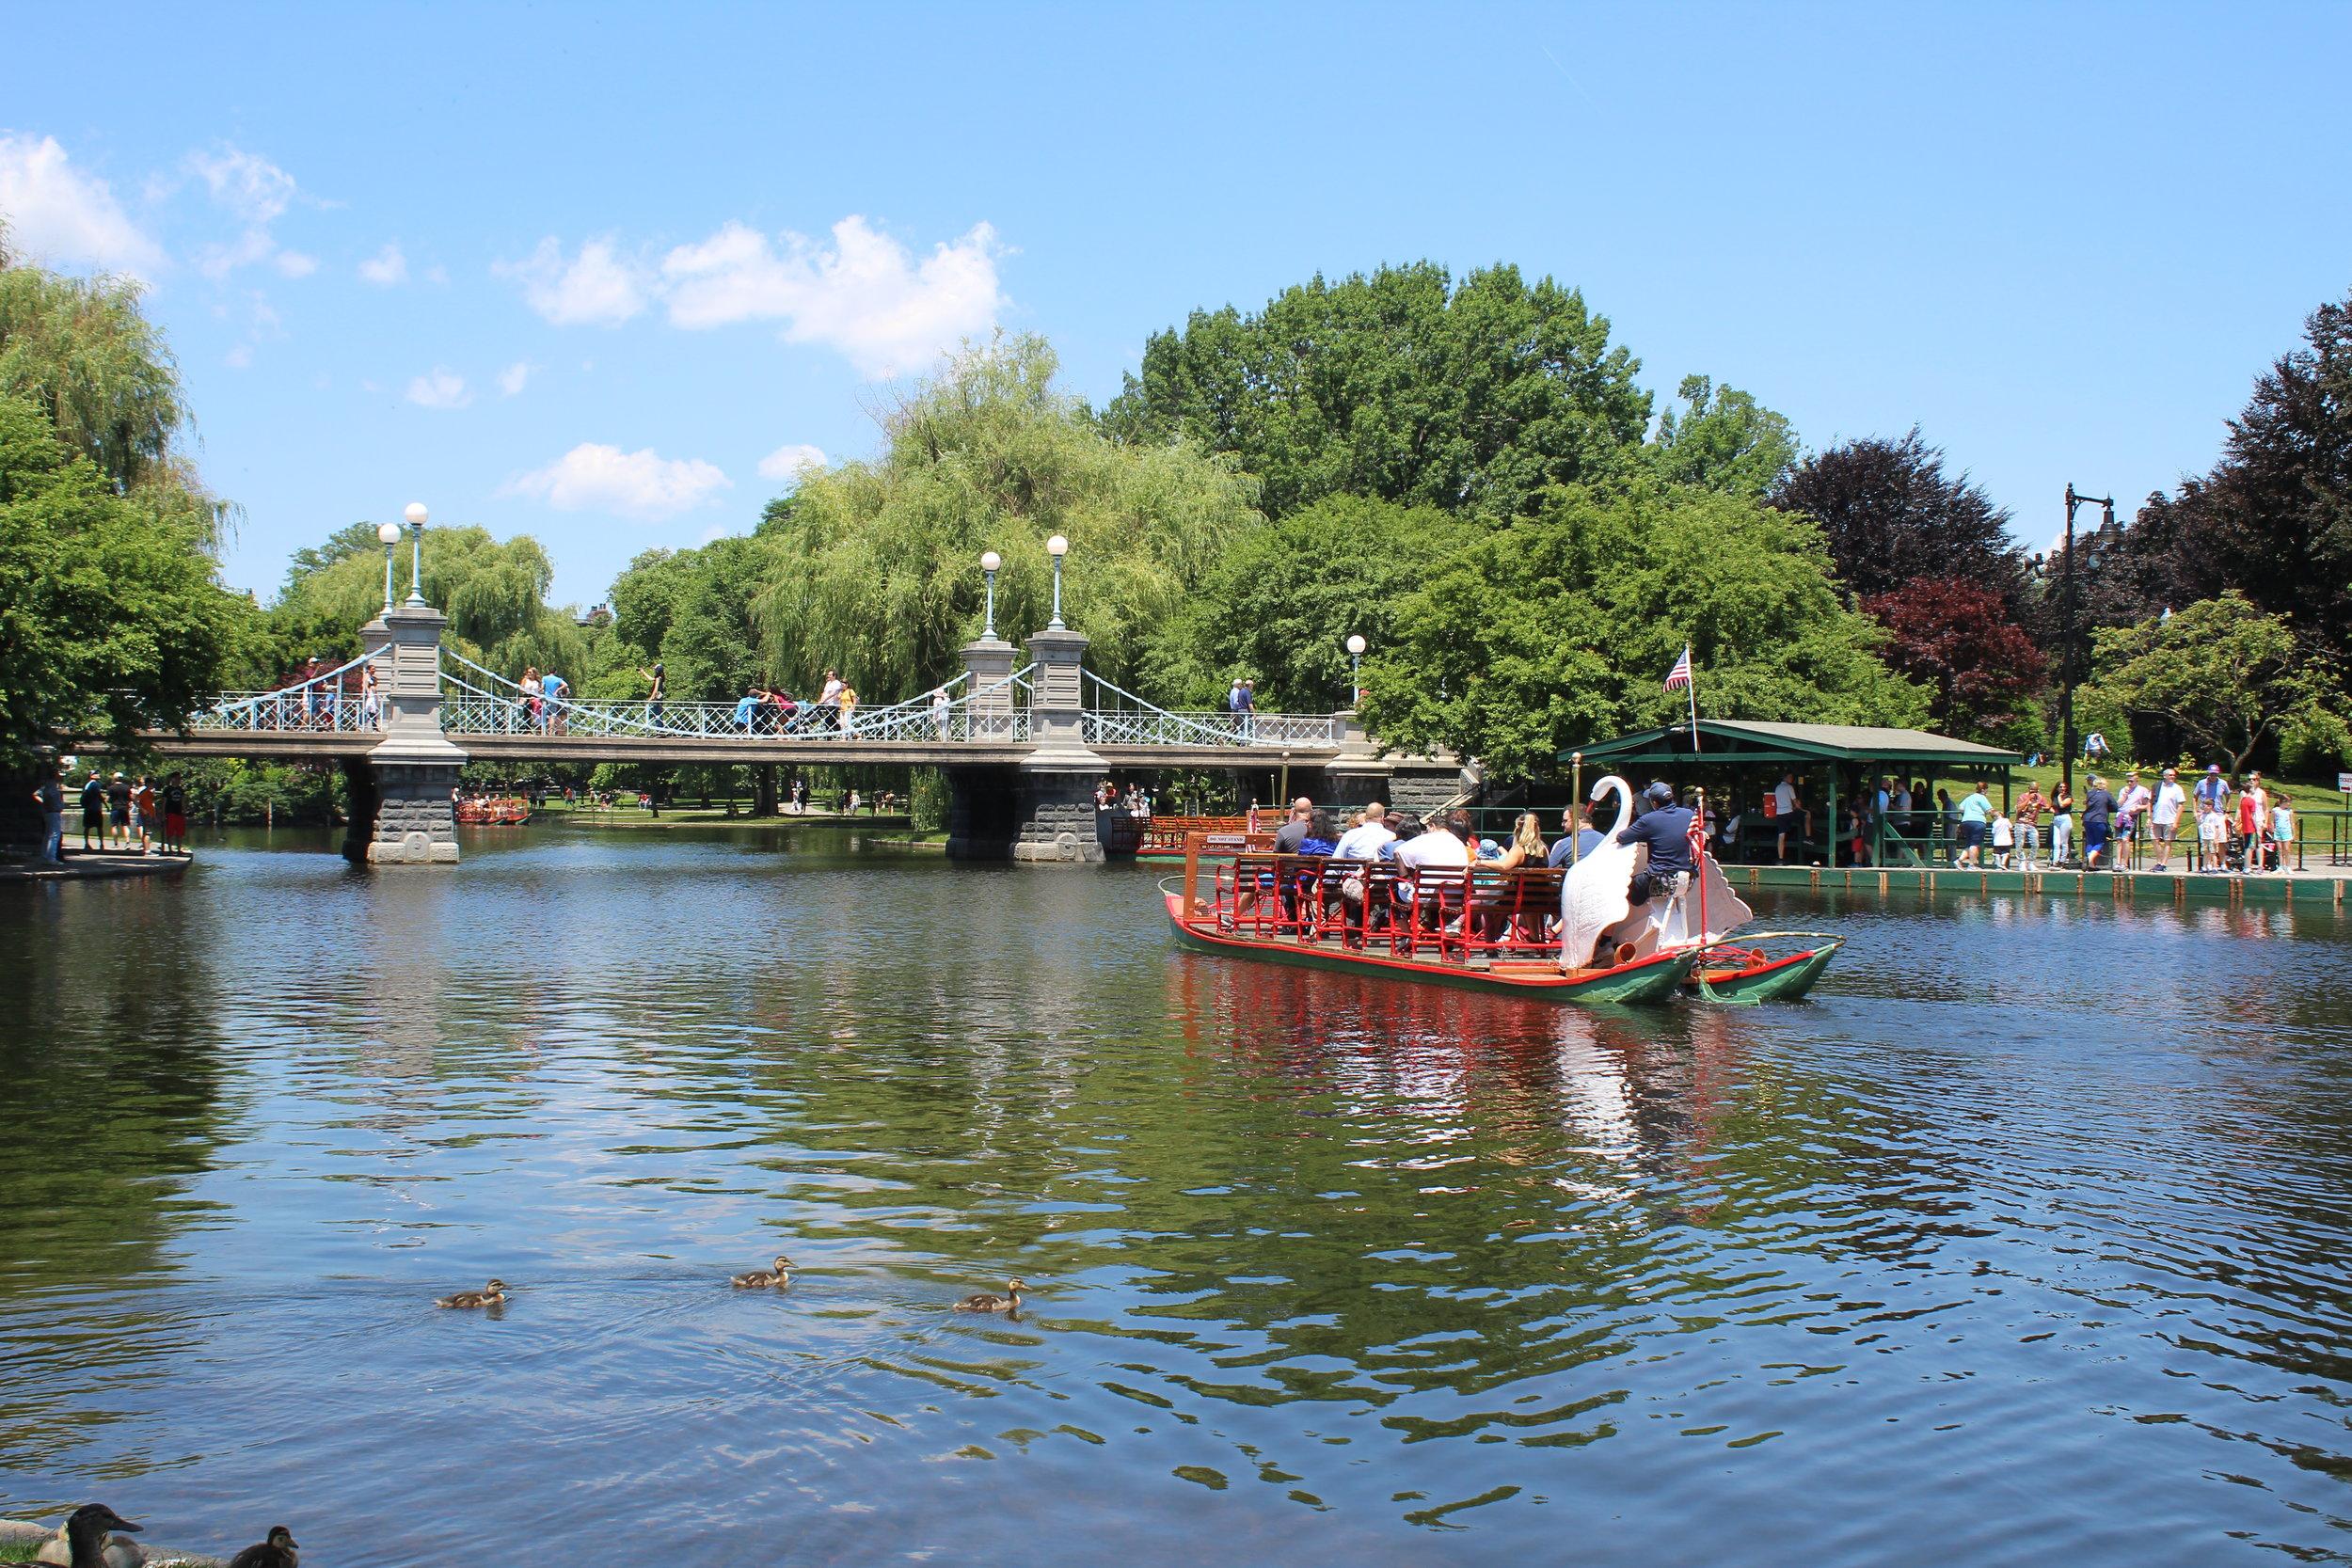 The Bridge in the Boston Garden